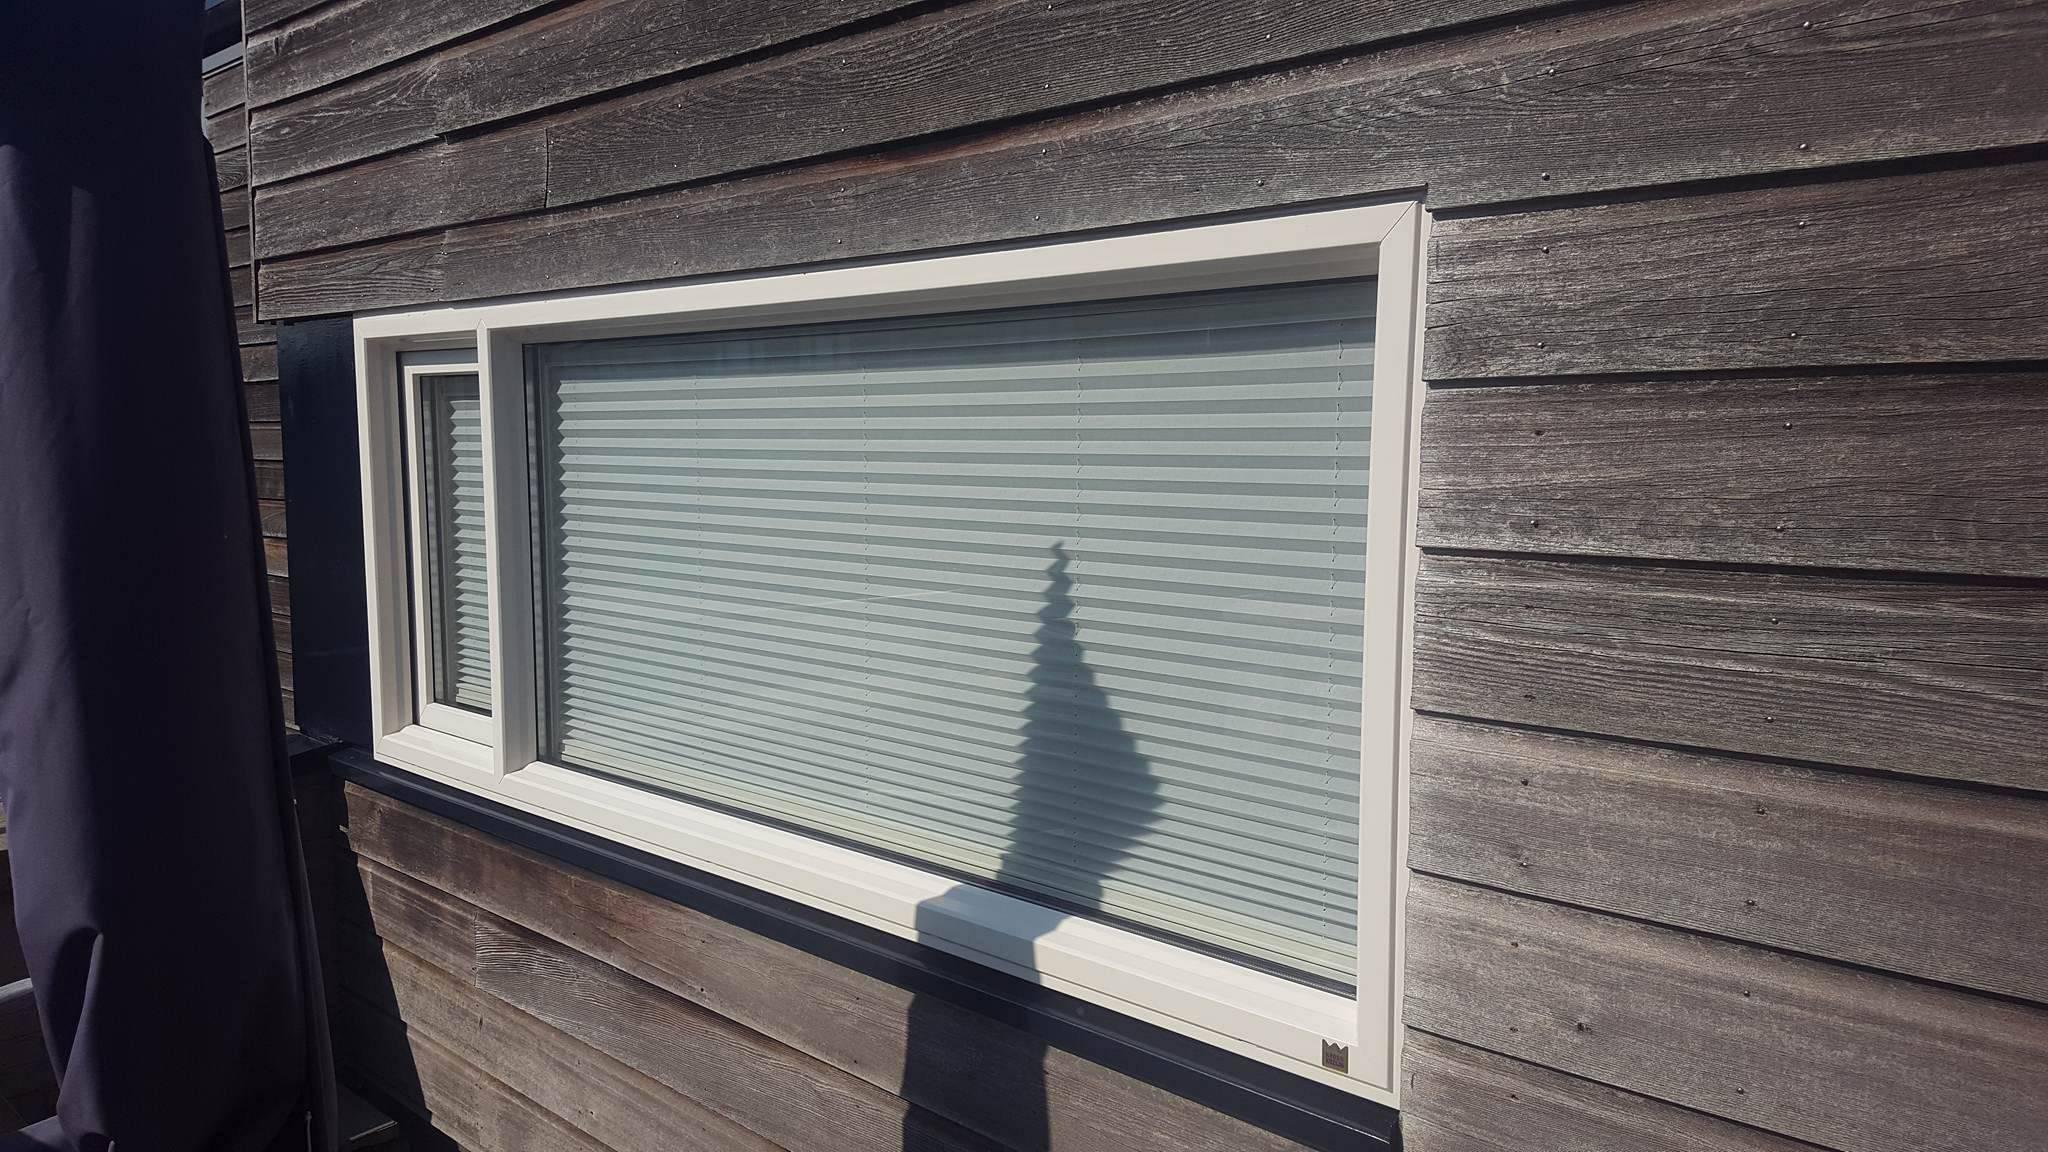 Kunststof kozijnen met raamdecoratie Vleuten